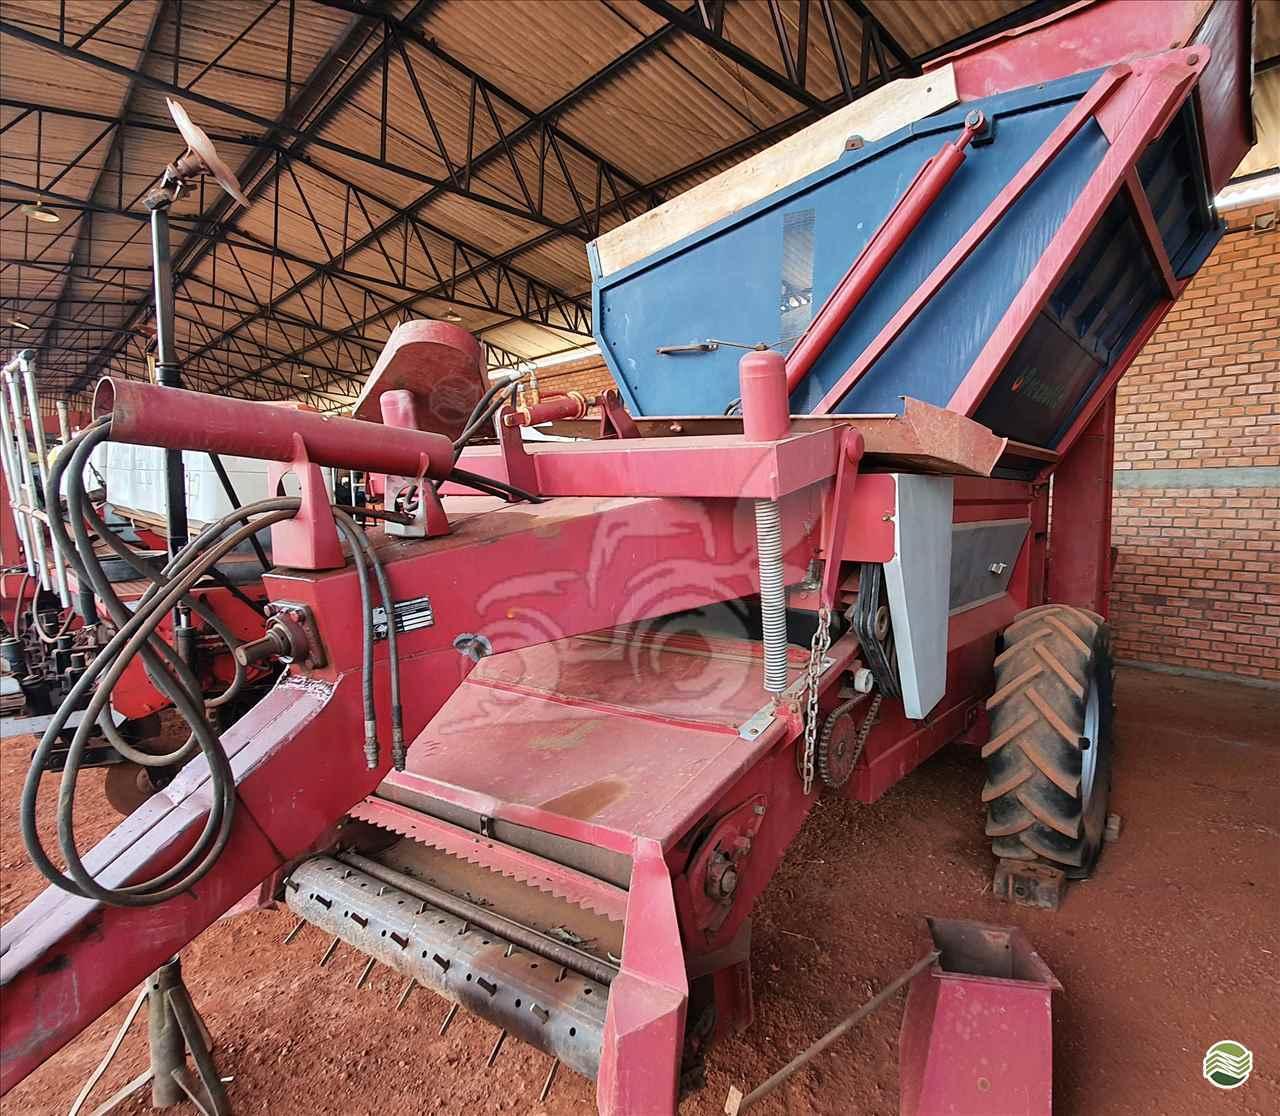 IMPLEMENTOS AGRICOLAS COLHEDORAS MIAC DOUBLE MASTER I EP Máquinas e Implementos Agrícolas CRISTALINA GOIAS GO